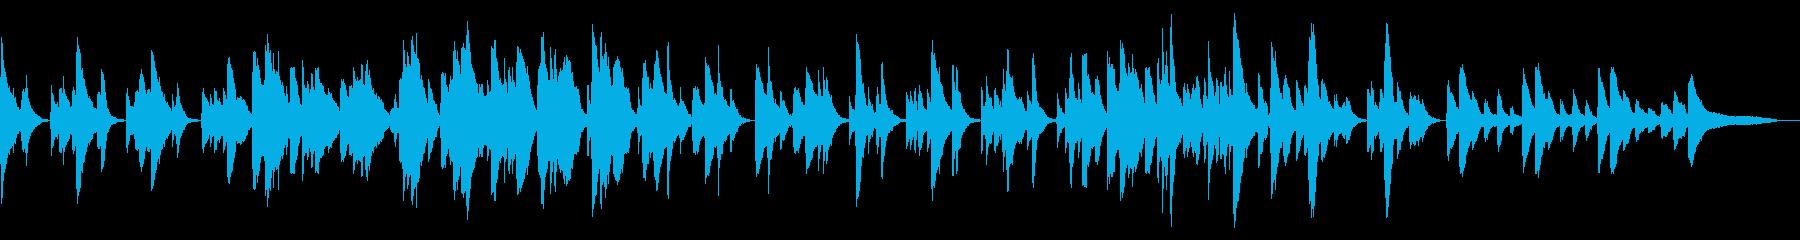 しゅん…寂しがり屋な猫♪甘く静かなピアノの再生済みの波形